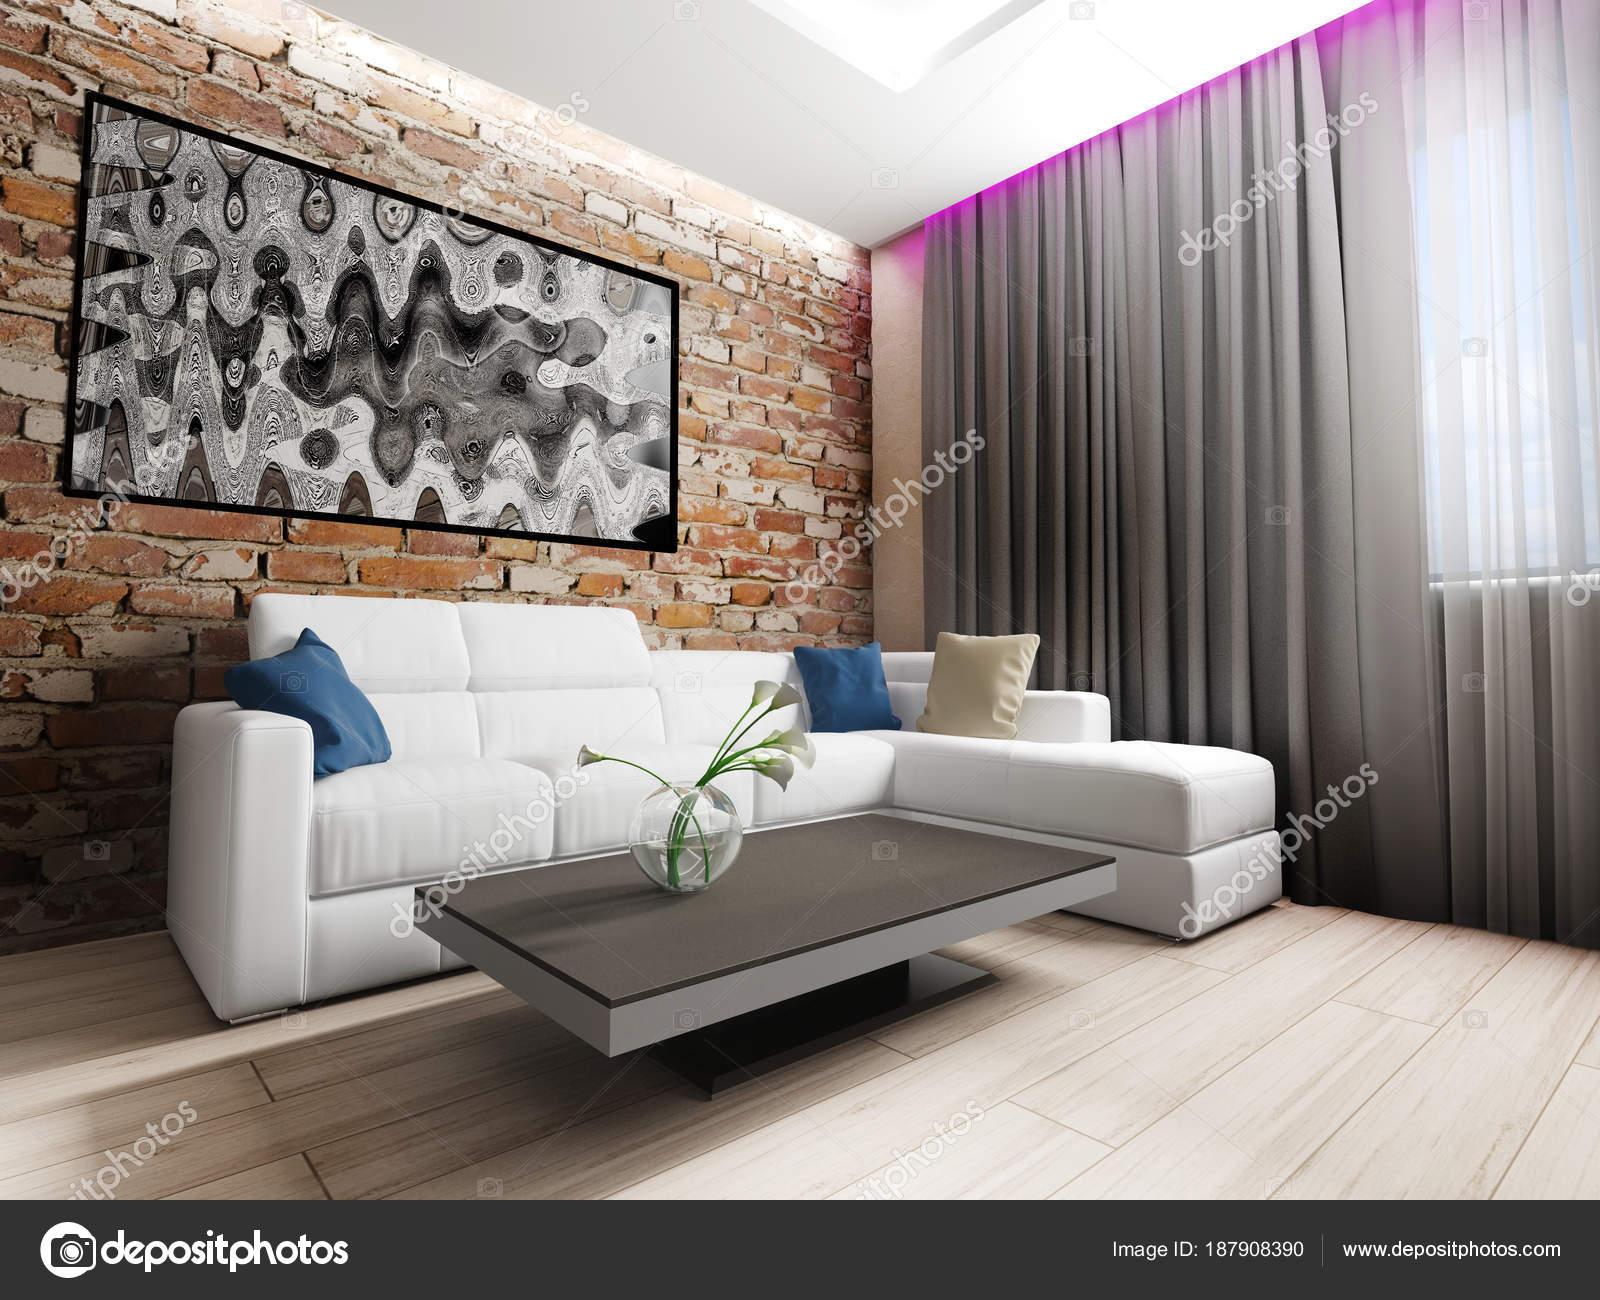 Modern Interieur Woonkamer : Moderne interieur van woonkamer u2014 stockfoto © kash76 #187908390